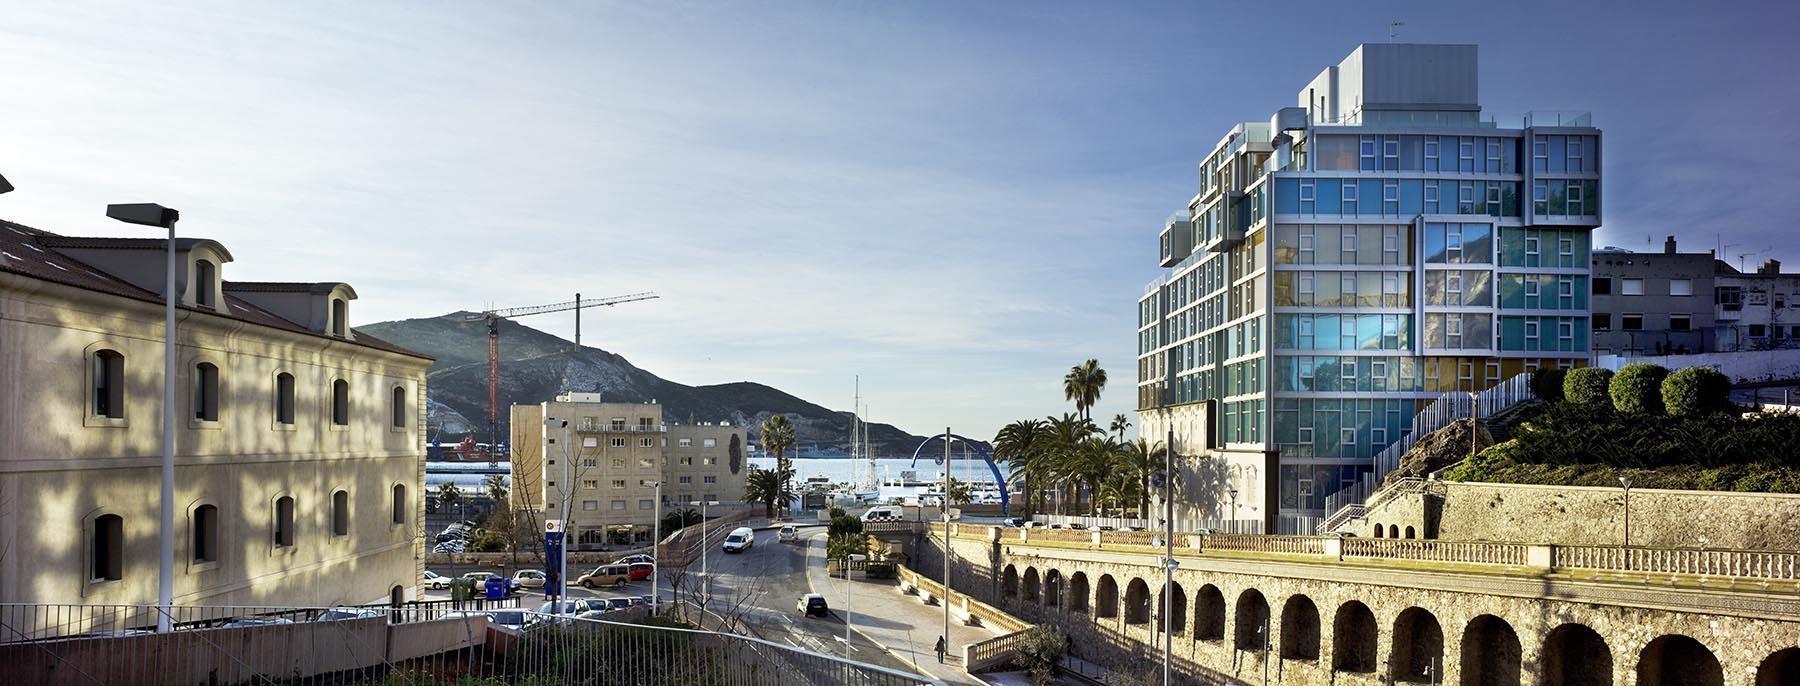 Edificio de Viviendas, Locales Comerciales y Aparcamientos. Muralla del Mar 22. Cartagena.